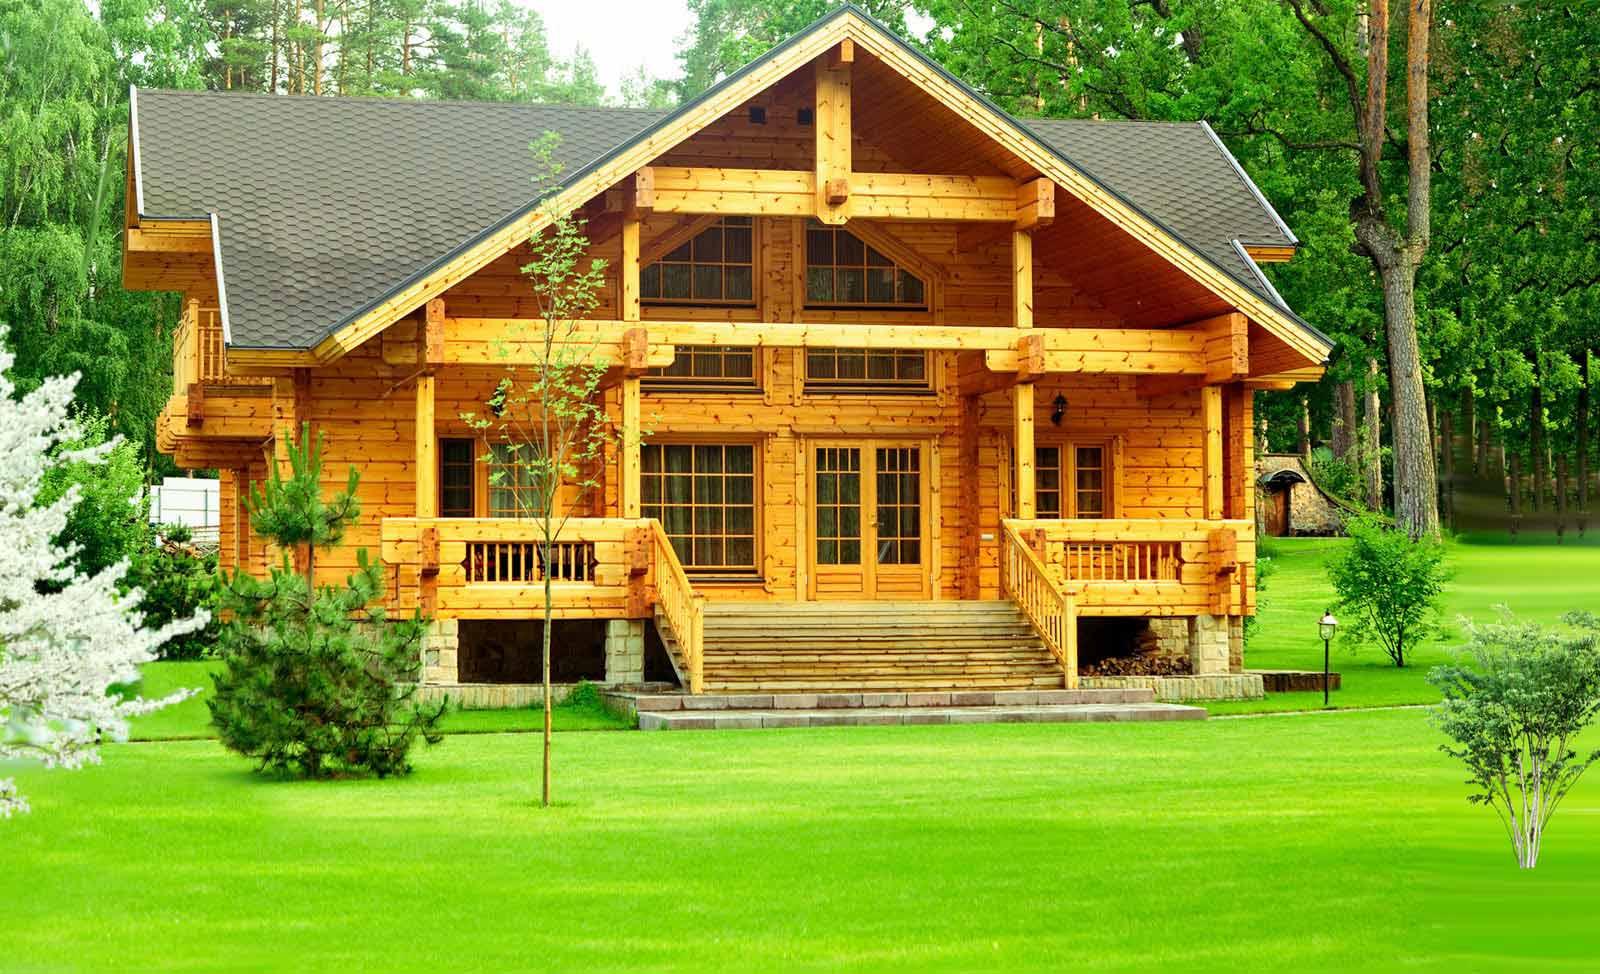 Деревянный дом своими руками: пошаговое описание как построить самостоятельно дом от а до я